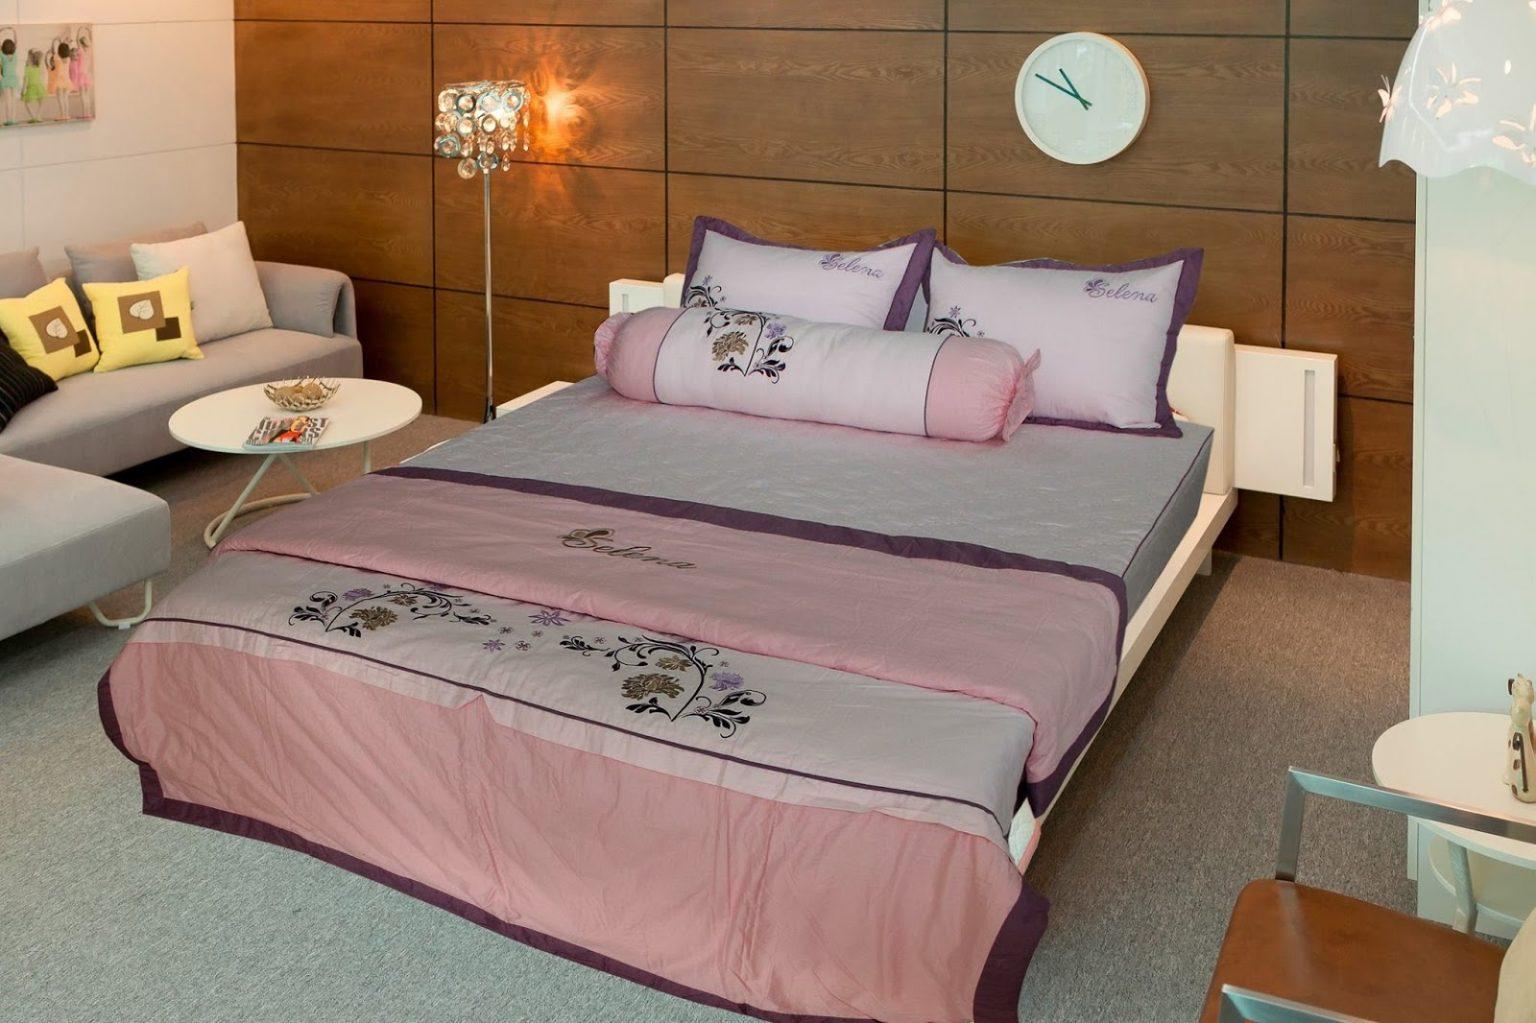 Tránh đặt giường tân hôn hướng thẳng ra toilet hay cửa phòng